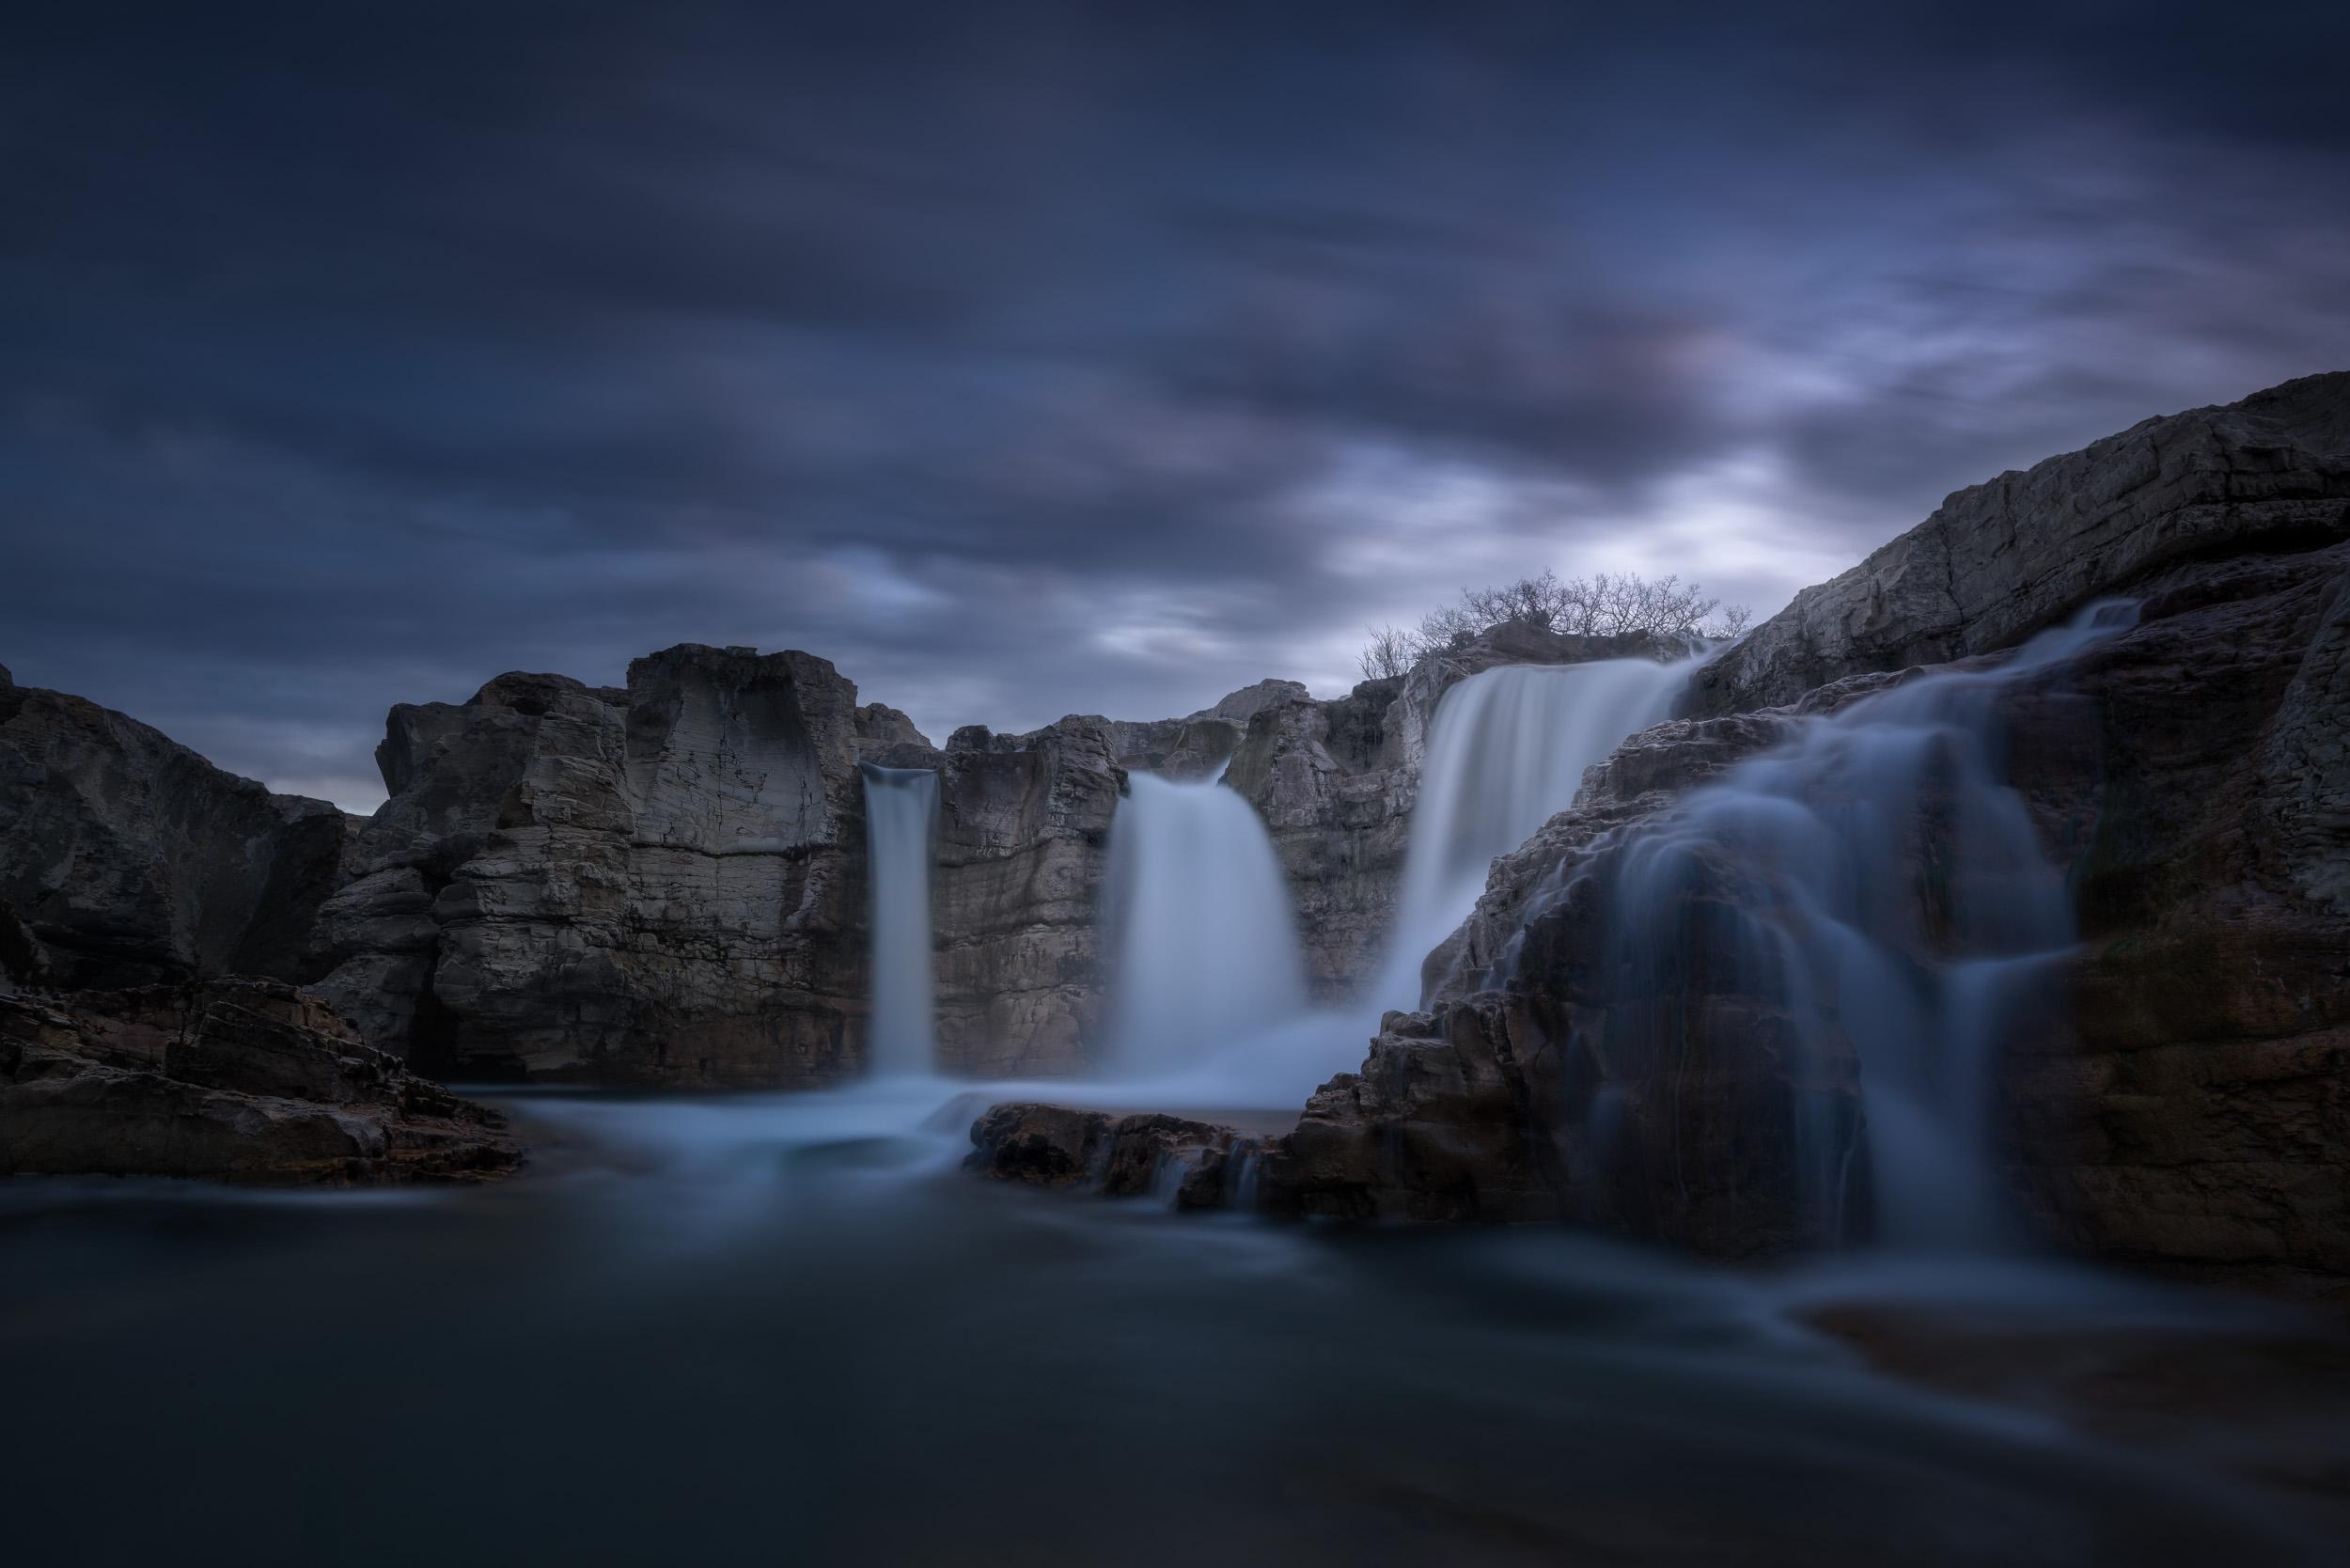 Fairy Tale Water Fall